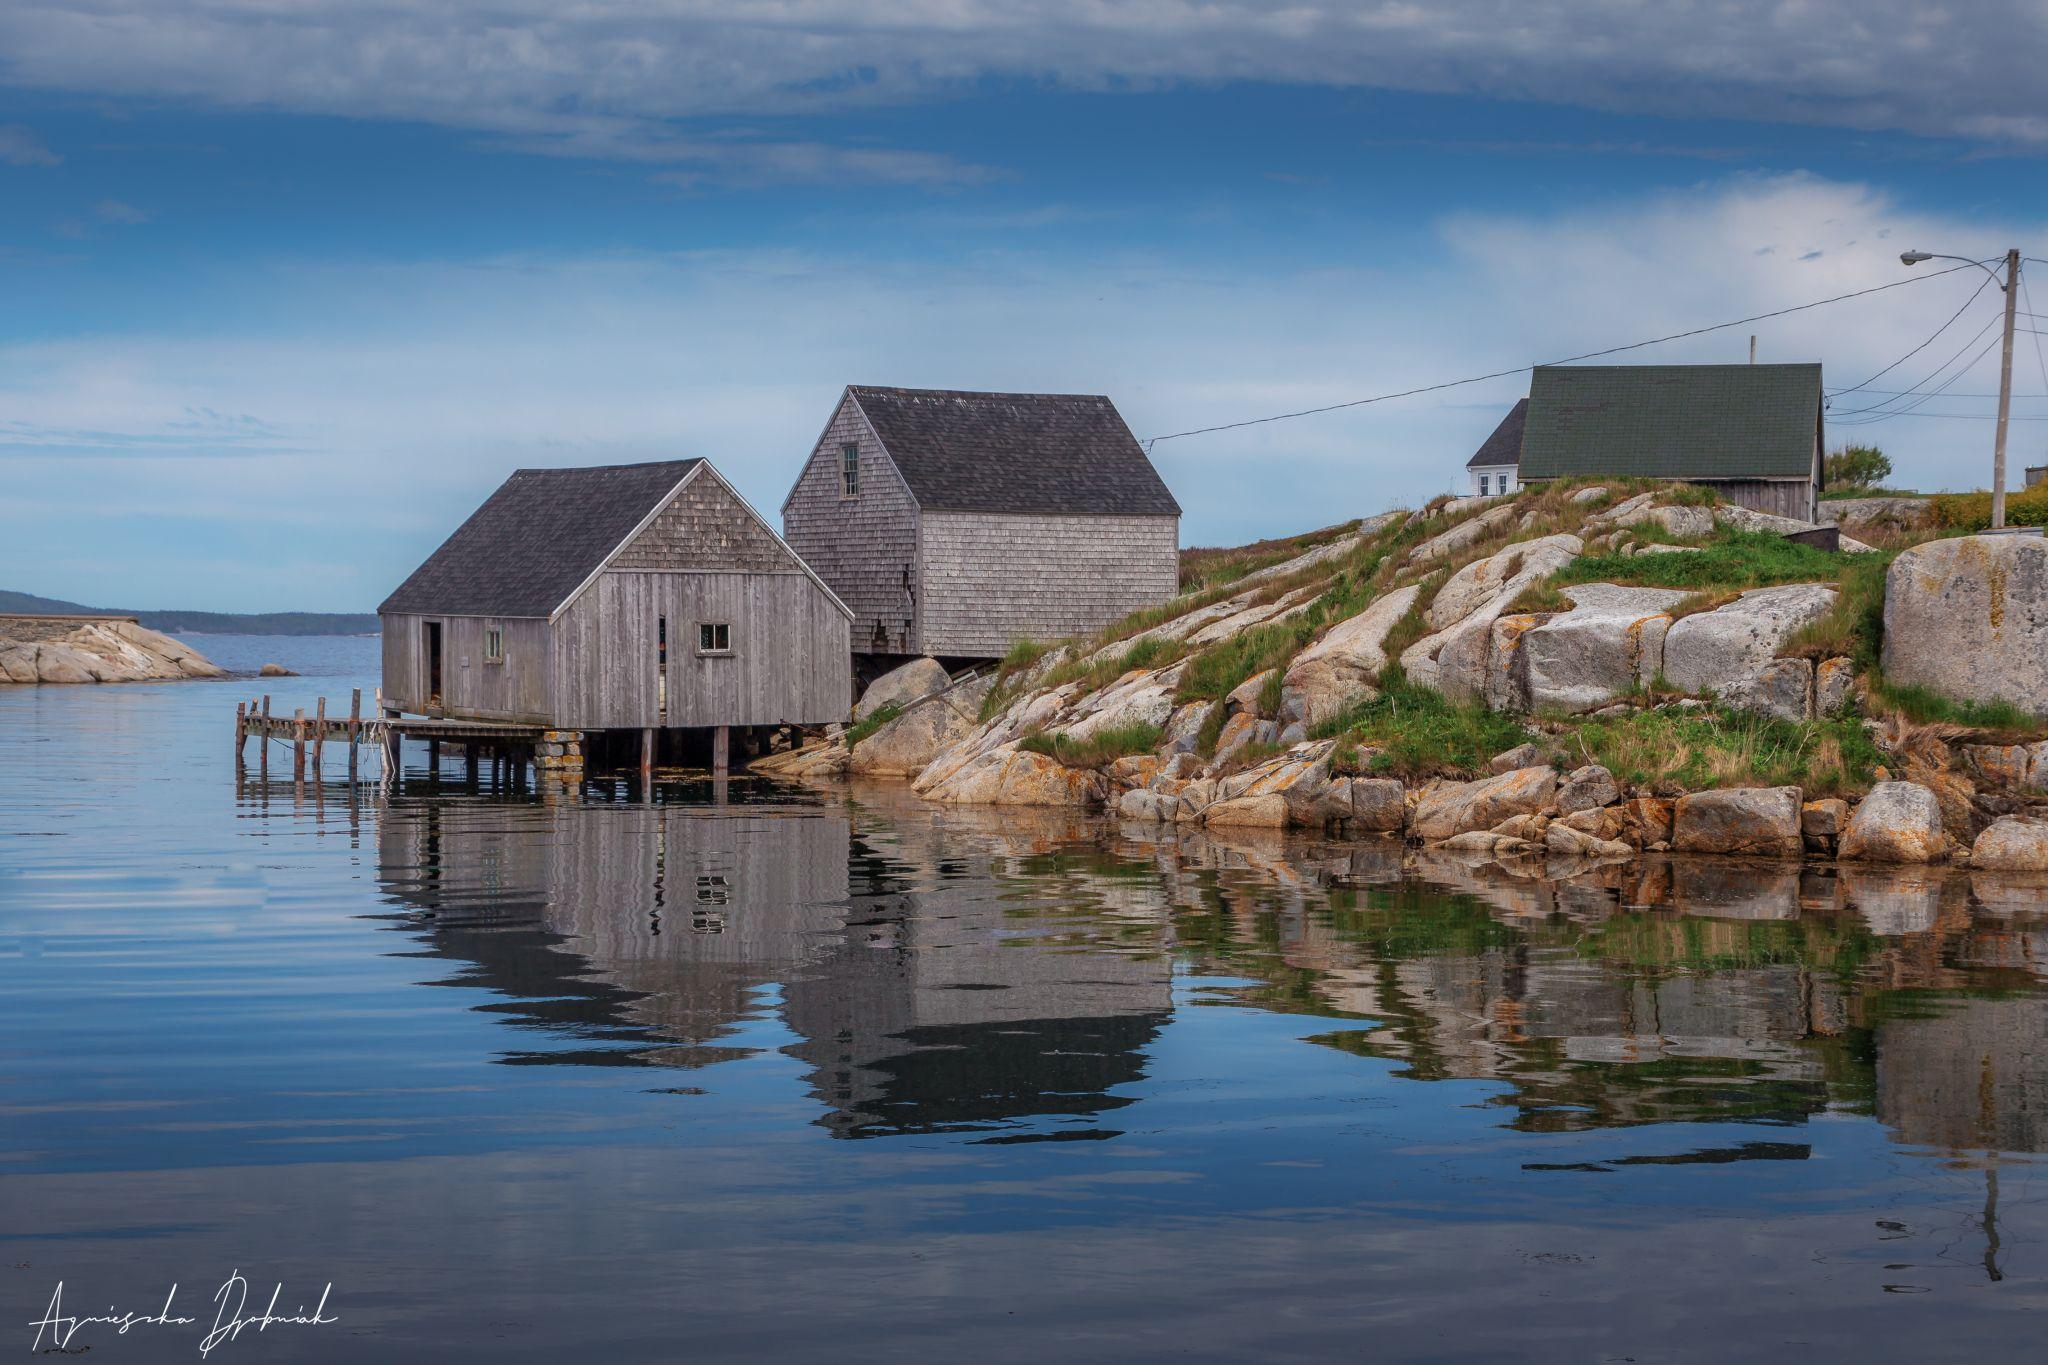 Peggy's Cove, Canada